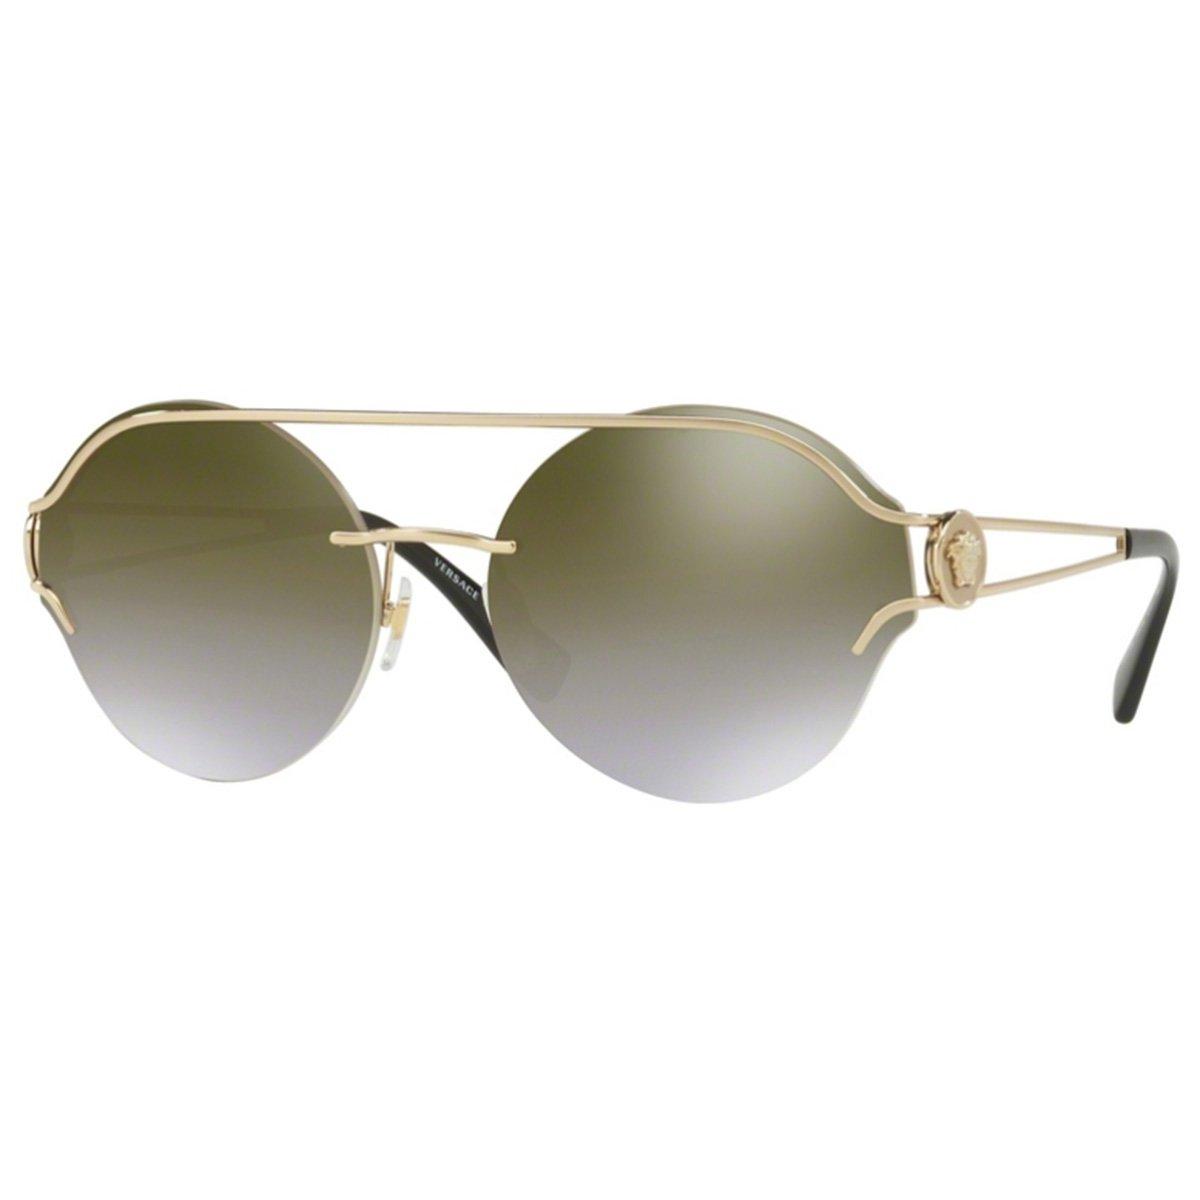 54724b50a506f Compre Óculos de Sol Versace em 10X